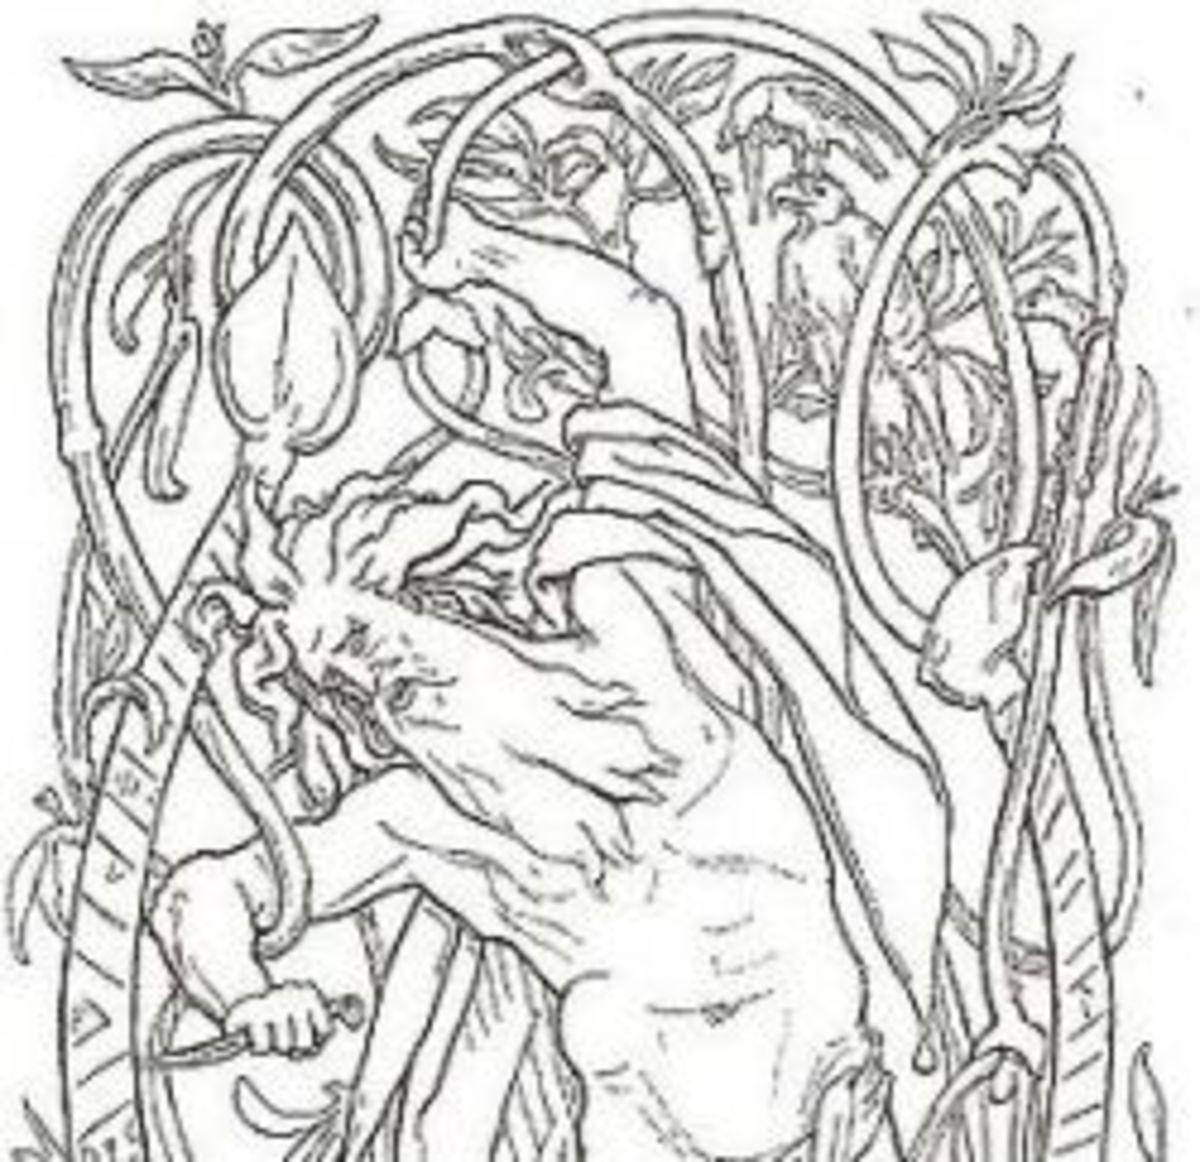 odin-mythology